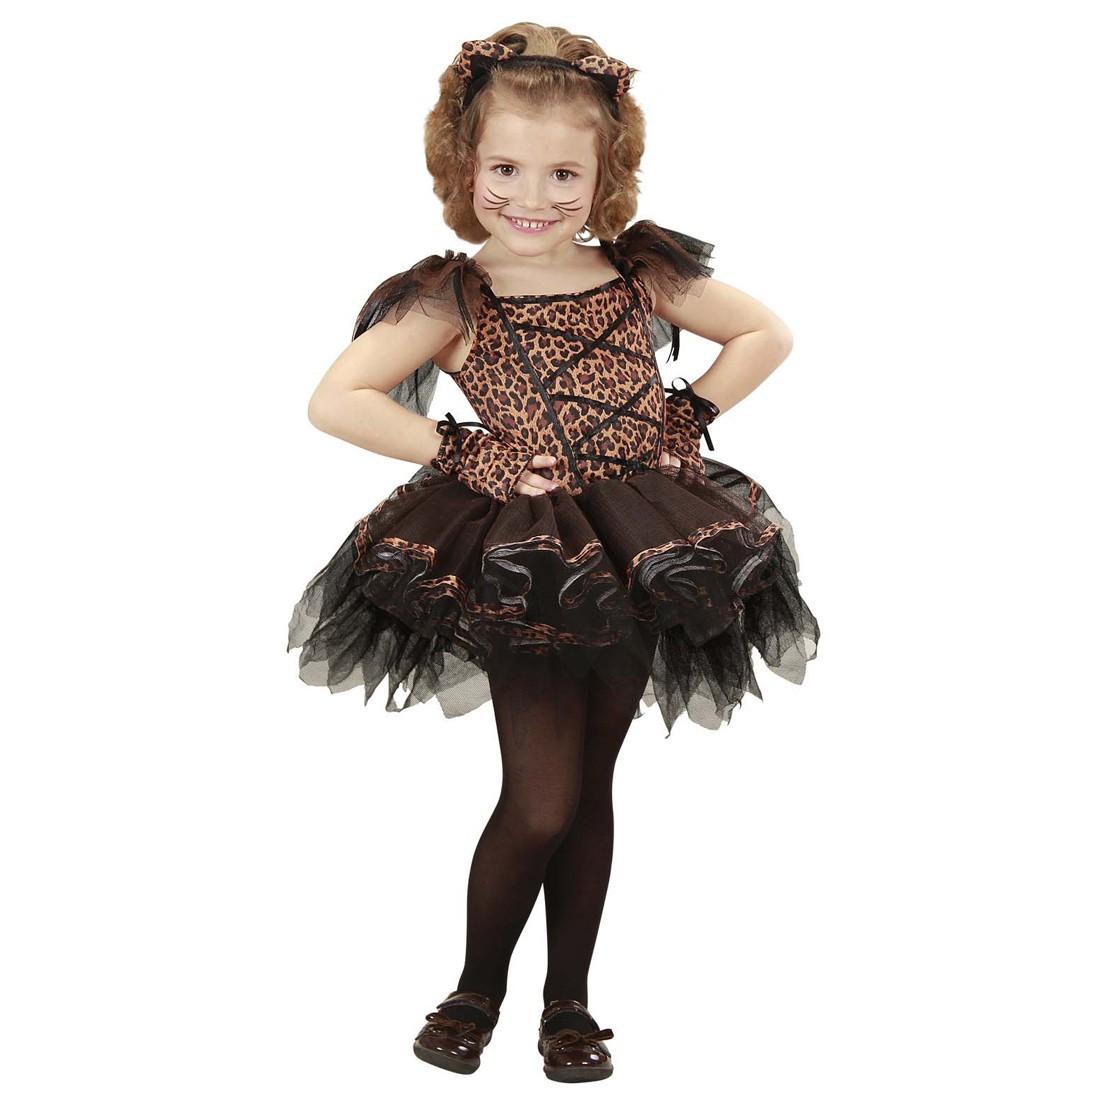 ballerina kost m leopard tutu katzenkost m kinder leoparden t t kinderkost m leopardenkost m